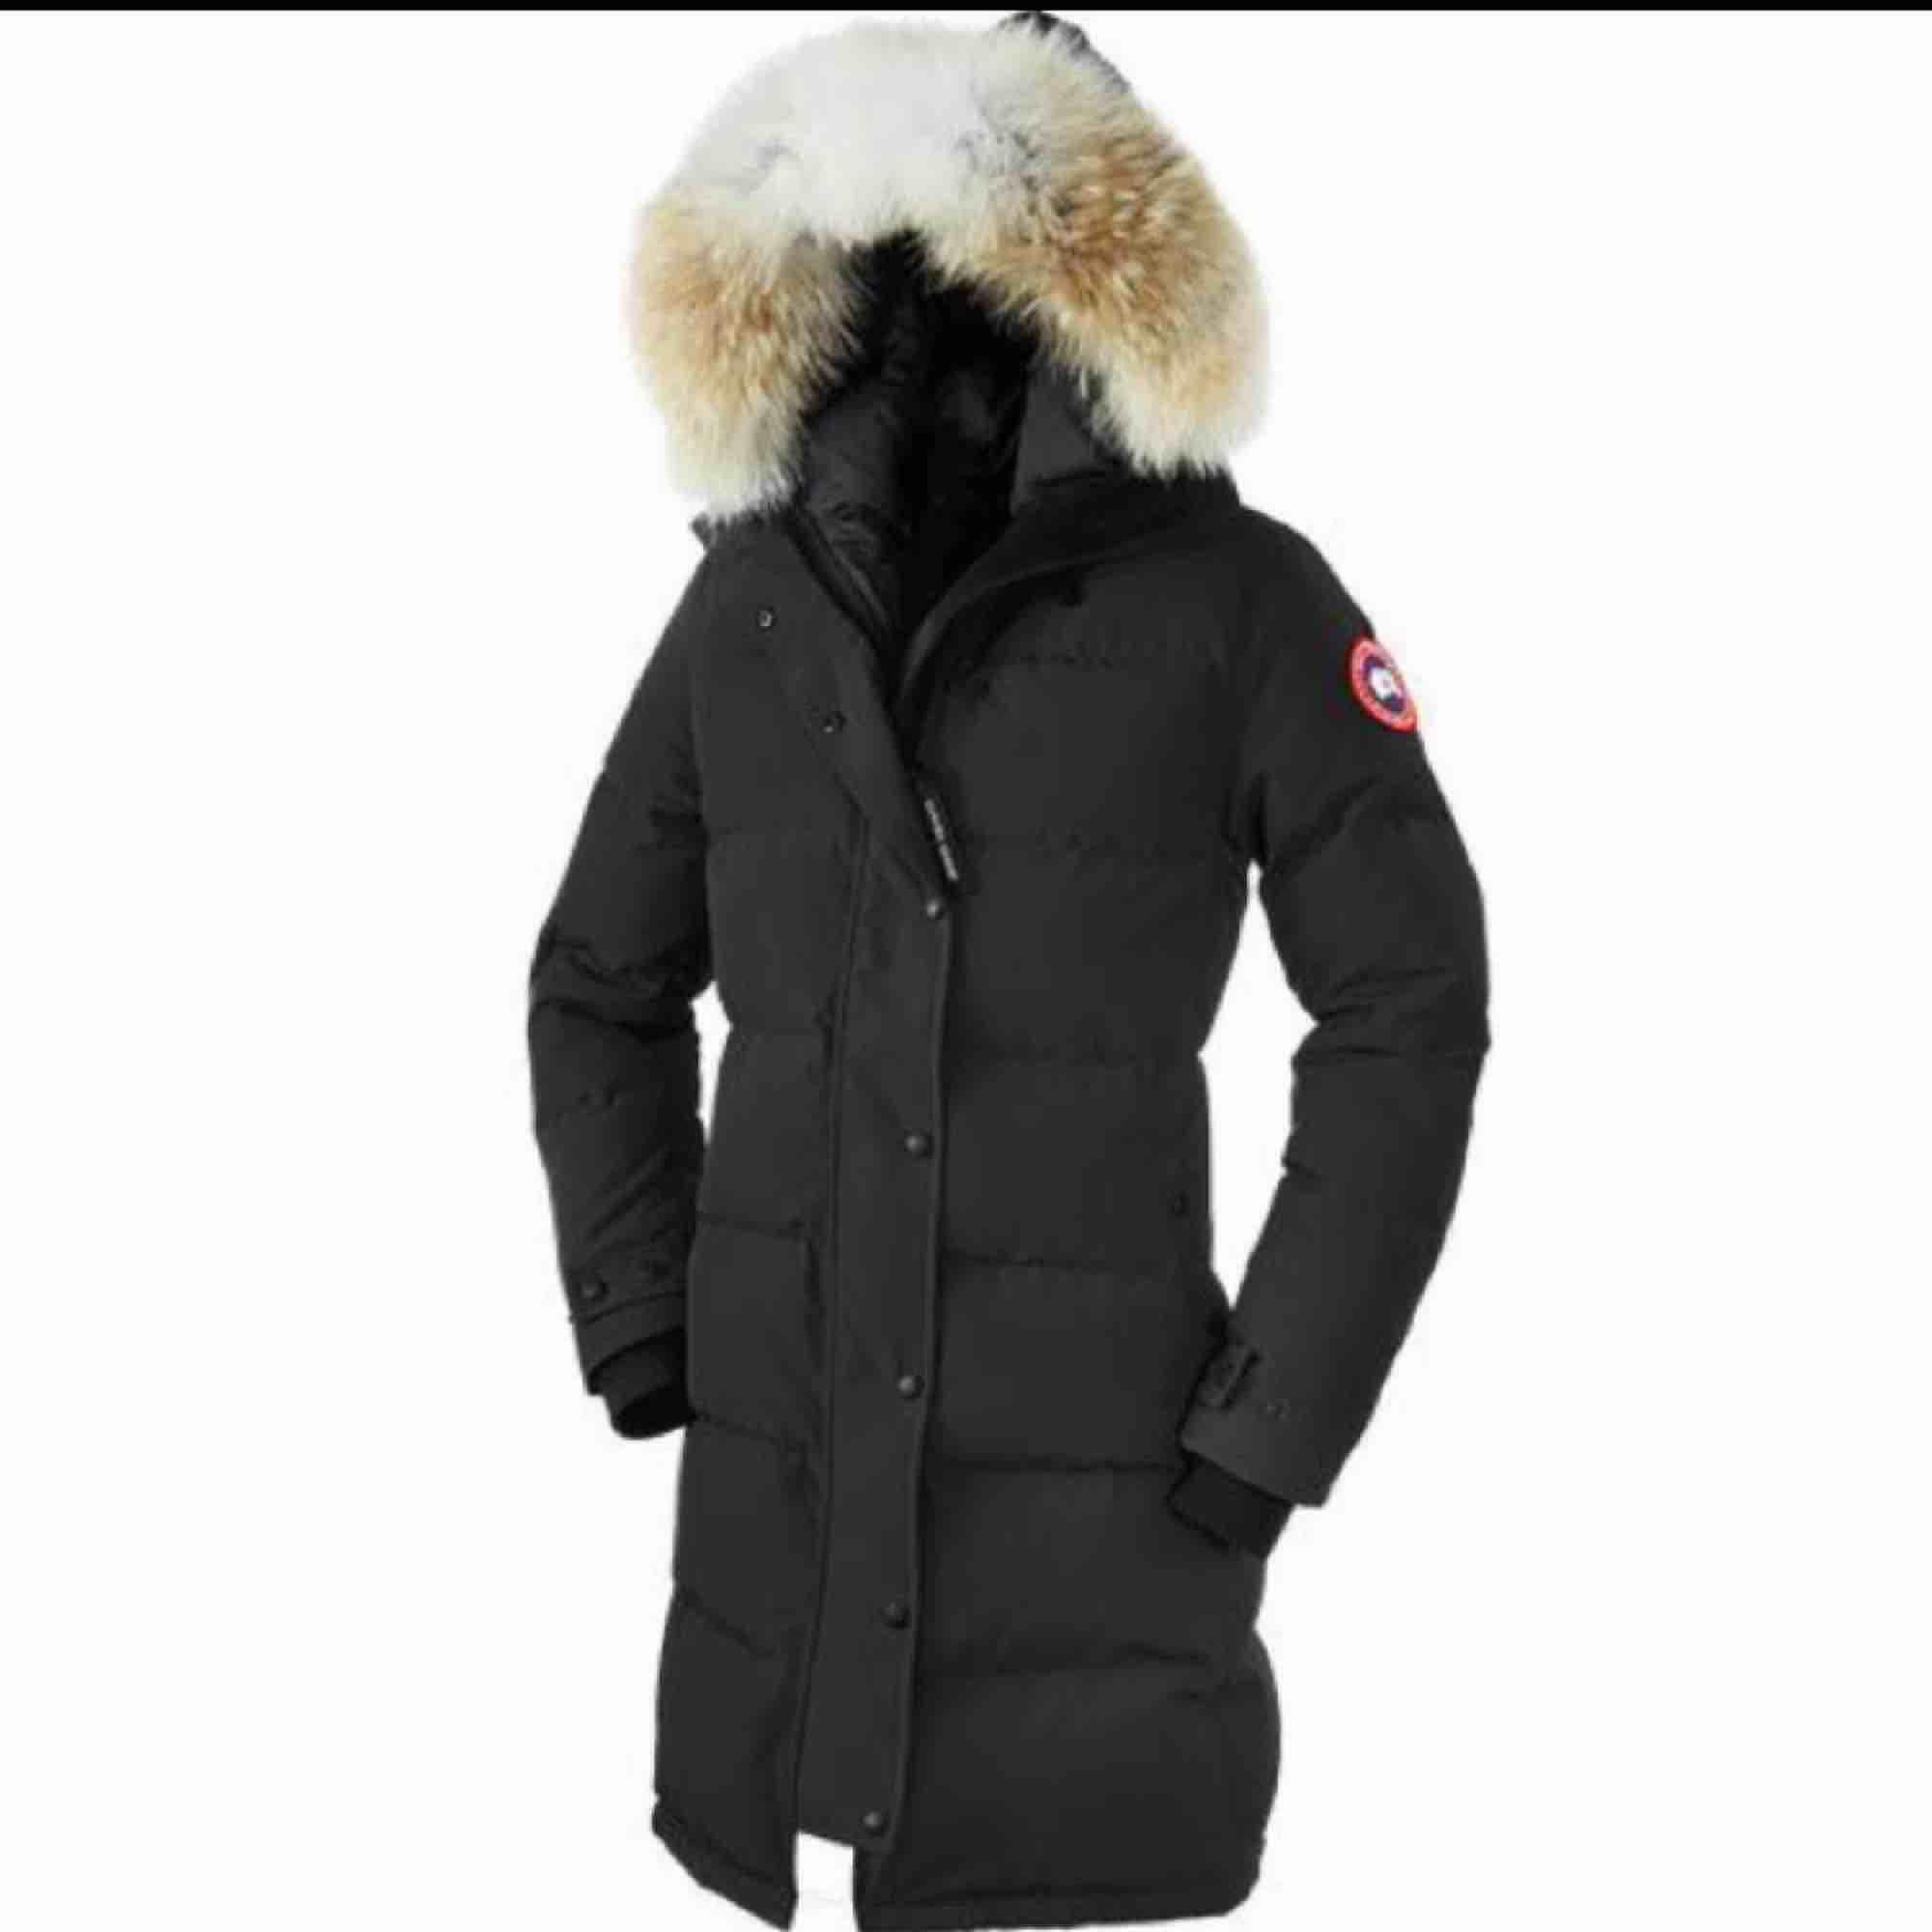 Söker en canada goose shelburn parka i storlek xxs, hör gärna av dig om du säljer en eller om du vet någon som säljer den. Jackor.